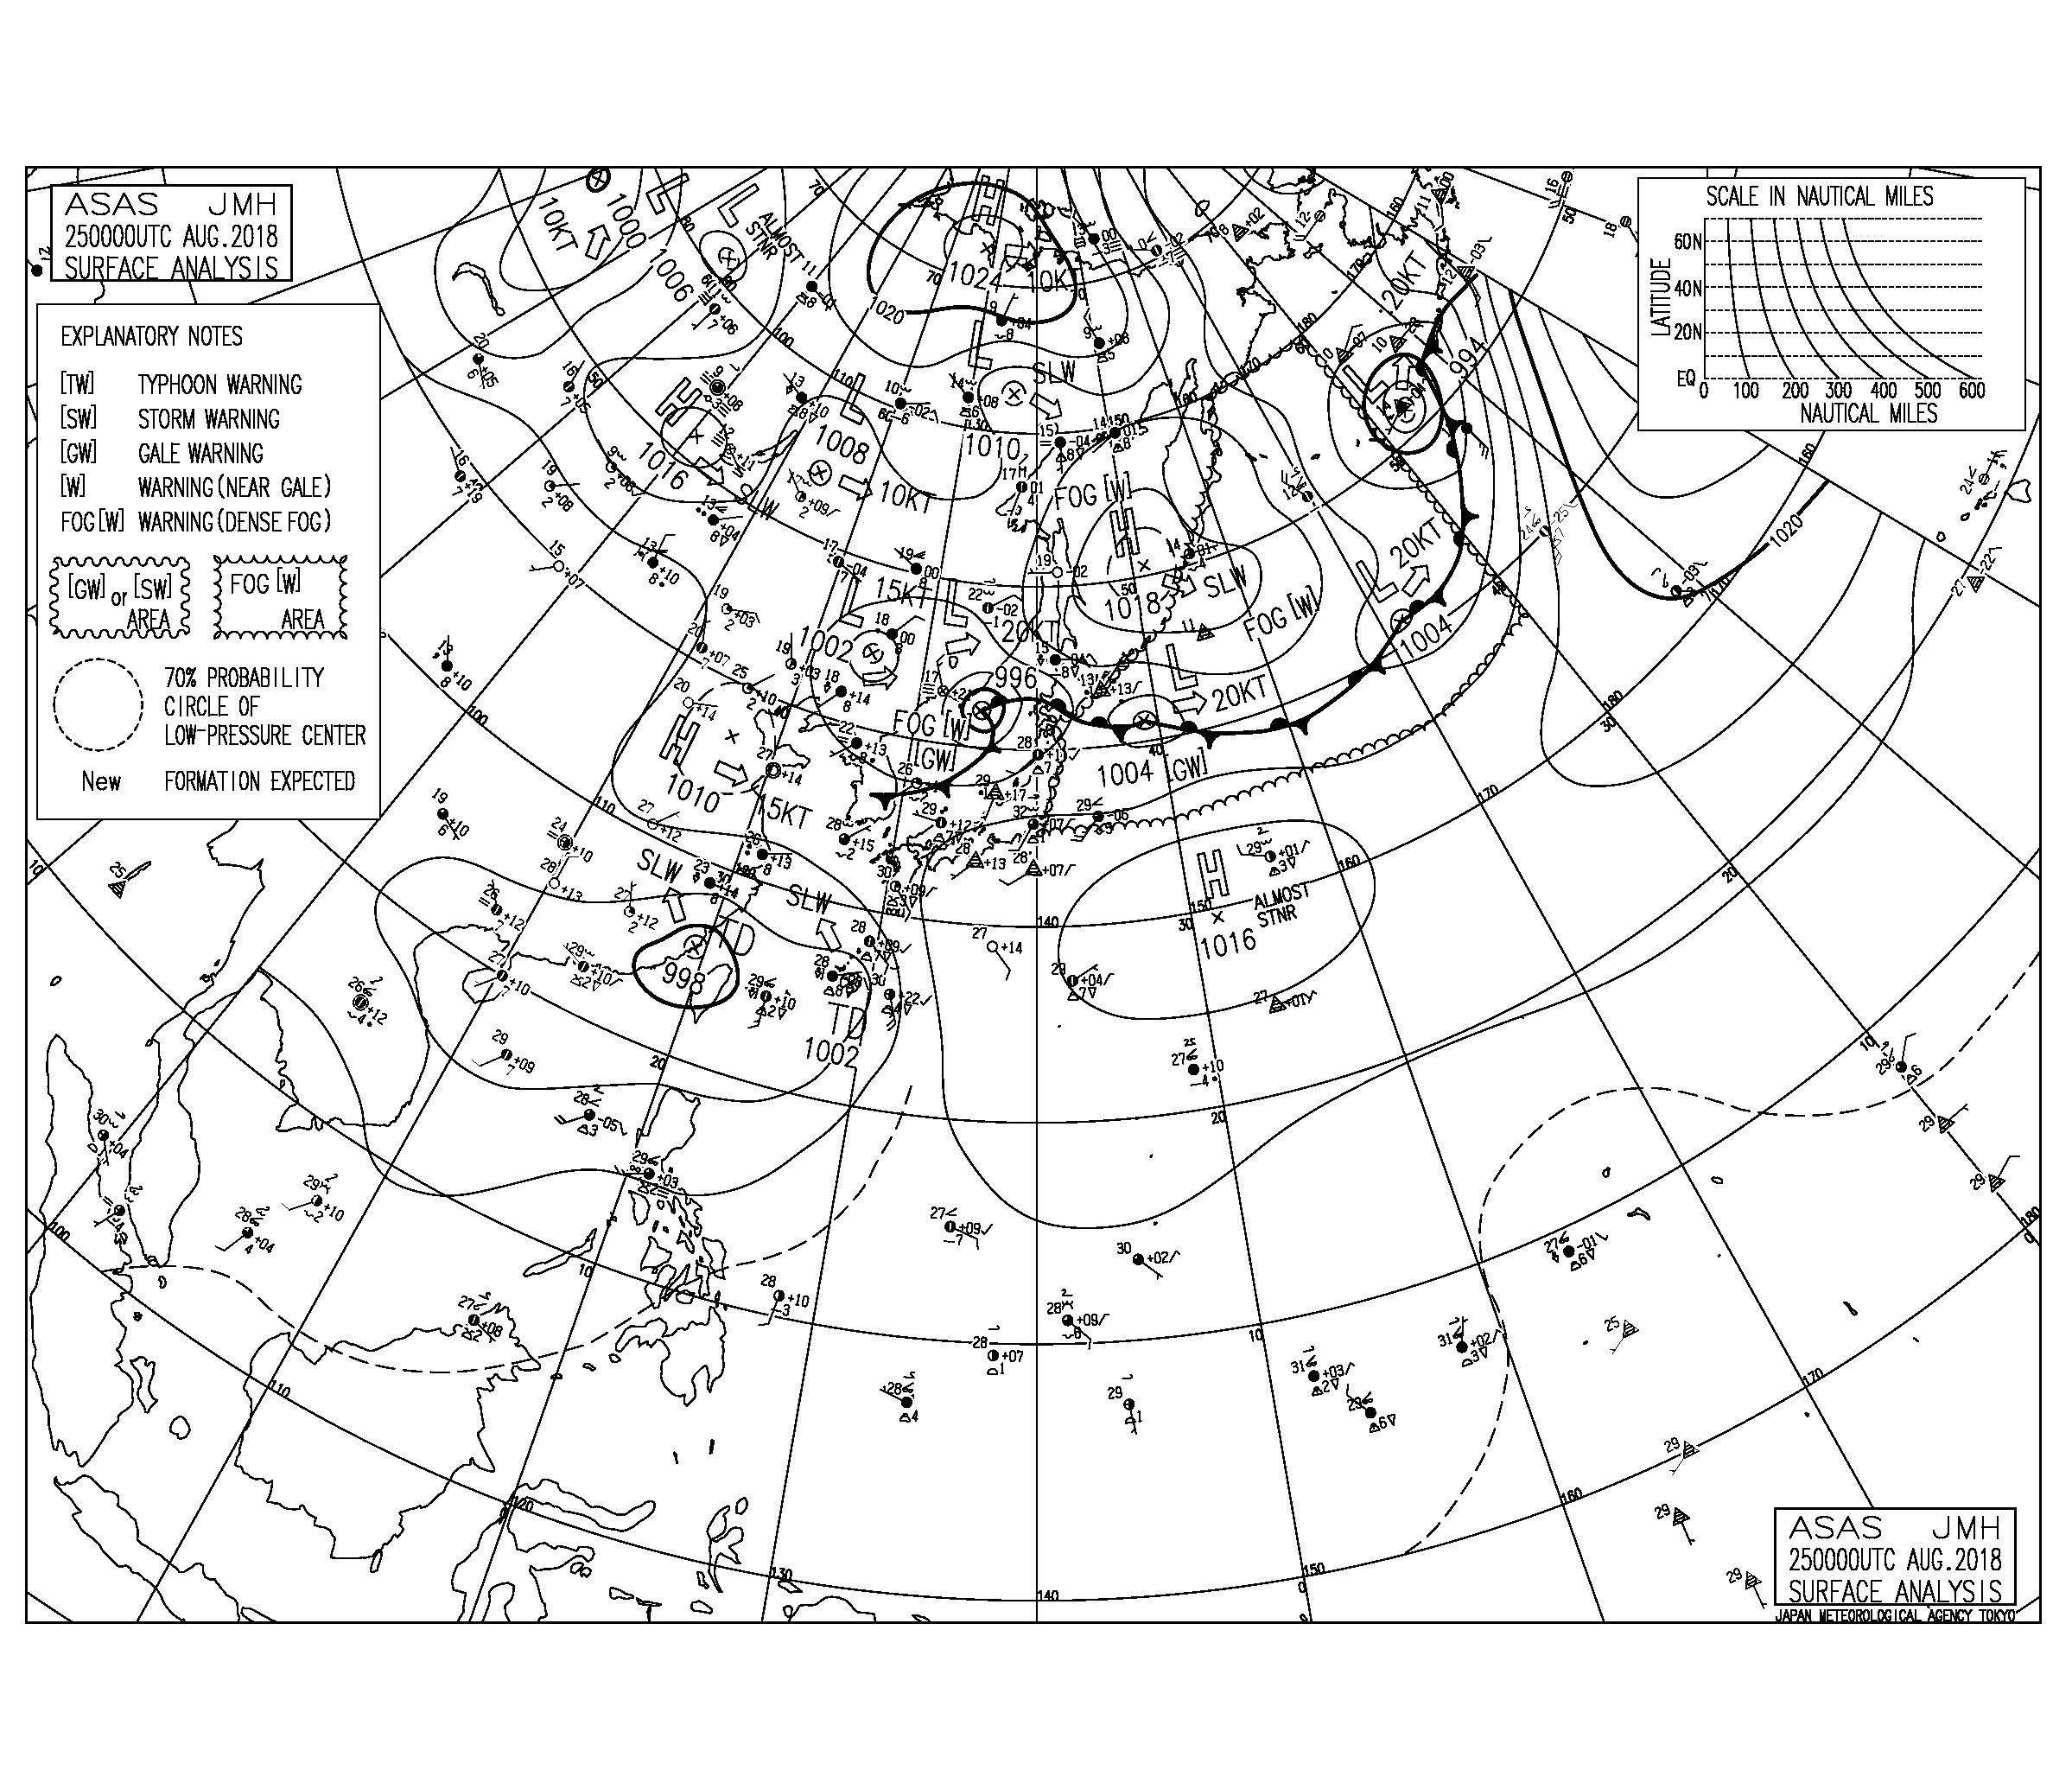 8/25 3:00 ASAS 気圧配置と波情報~朝一から南から南西の強風でジャンクが多い、オフショアのポイントはサイズダウン